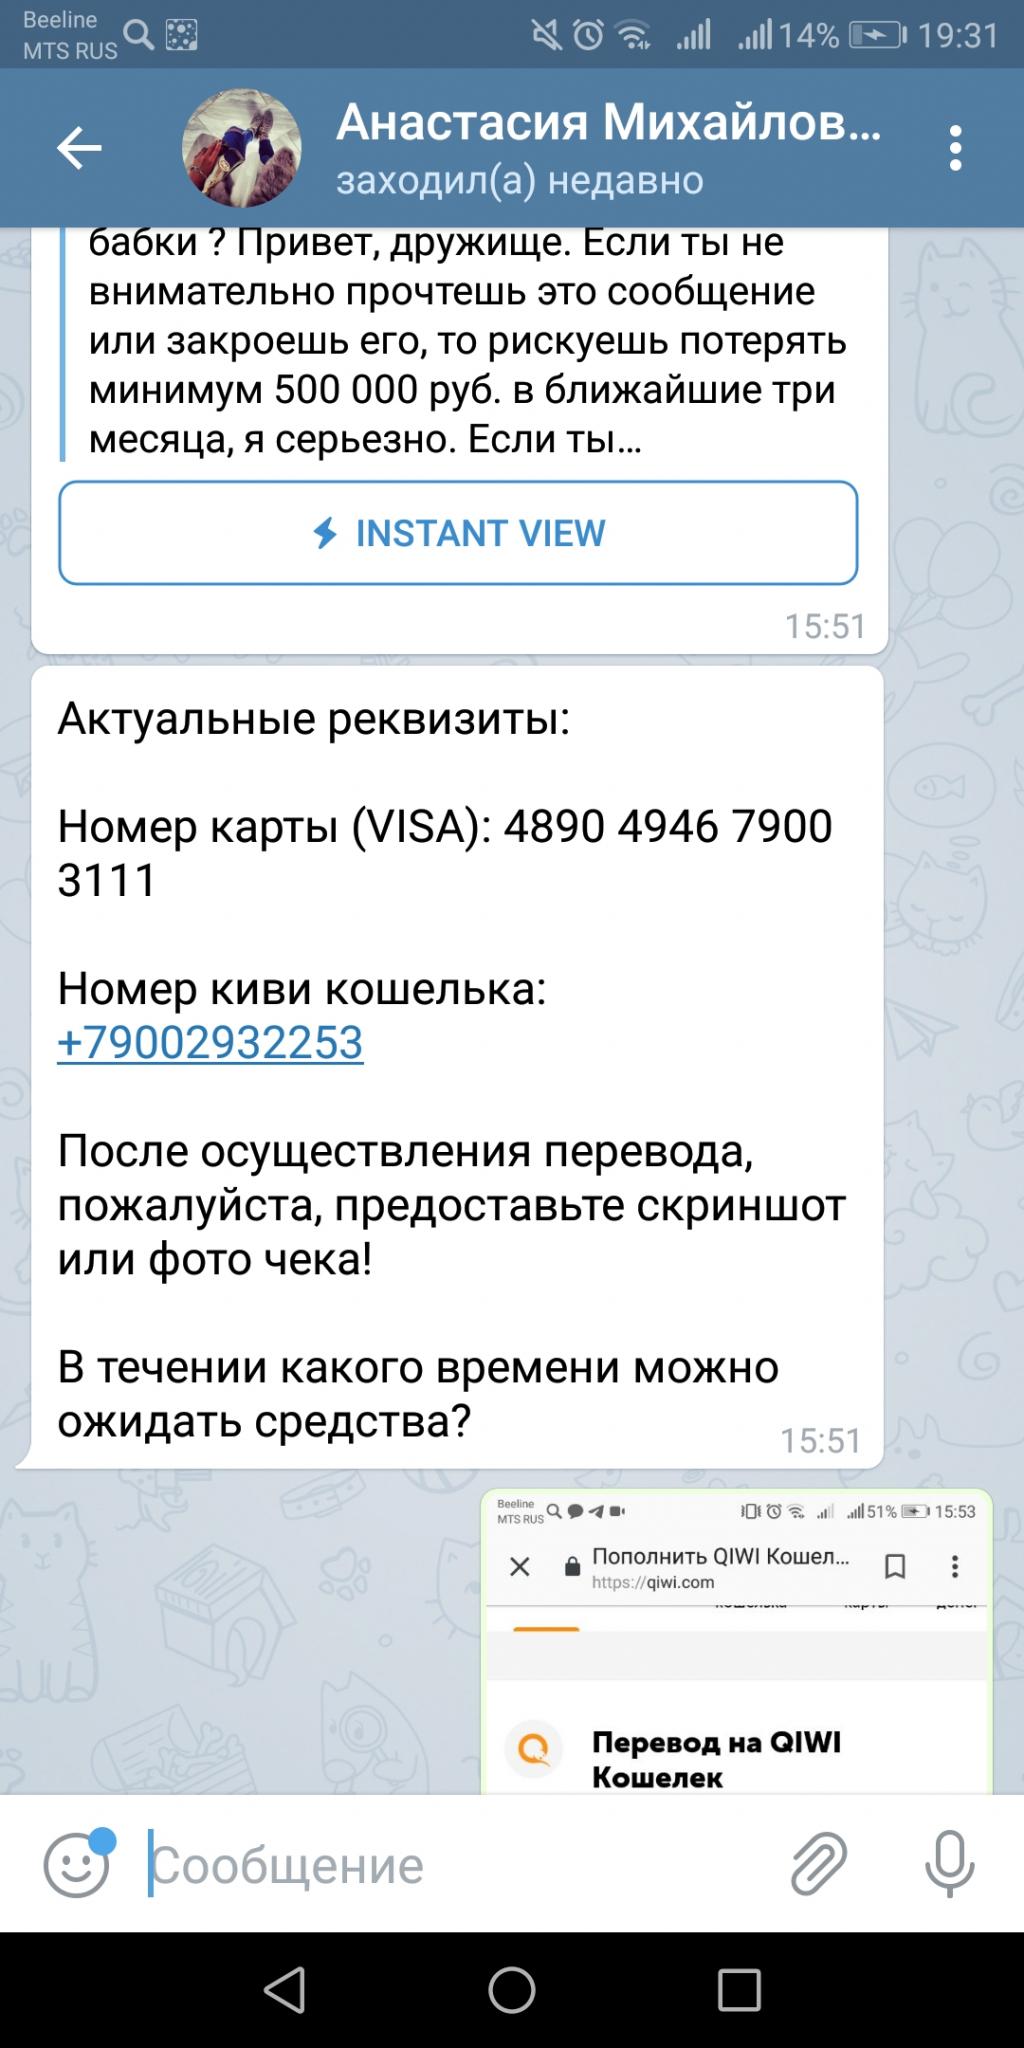 Мошенник - Мошенники в телеграмм канале